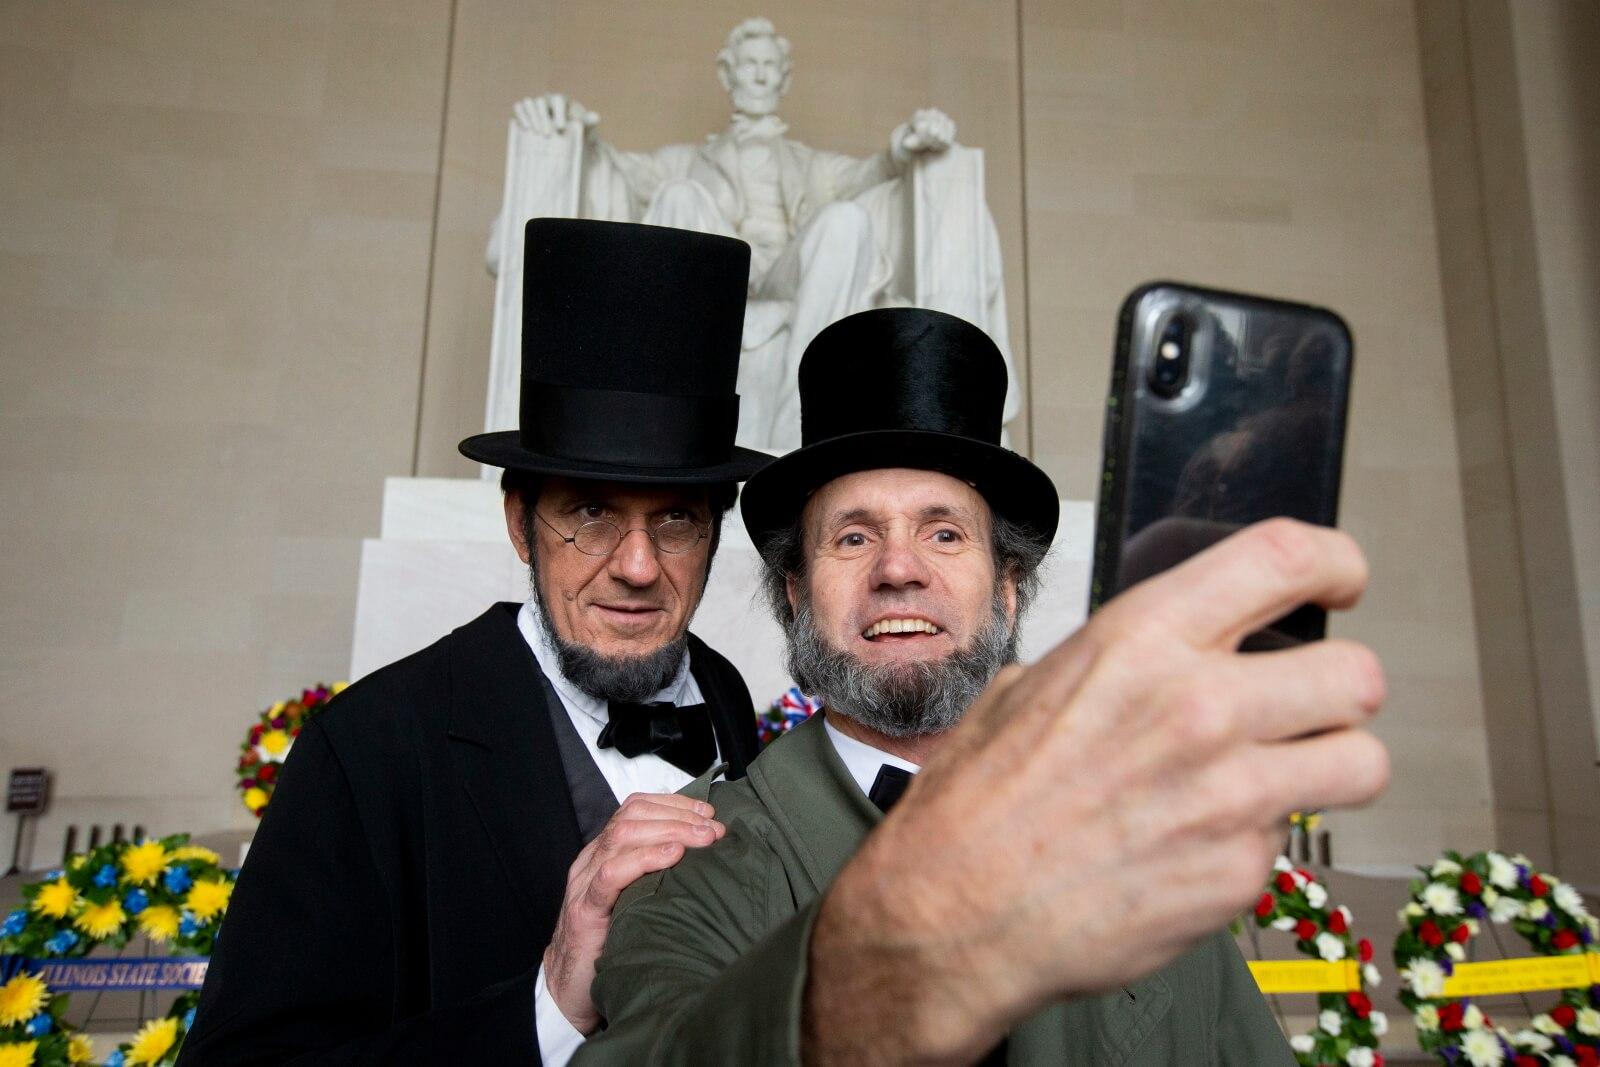 Rocznica urodzin prezydenta Lincolna fot. EPA/MICHAEL REYNOLDS